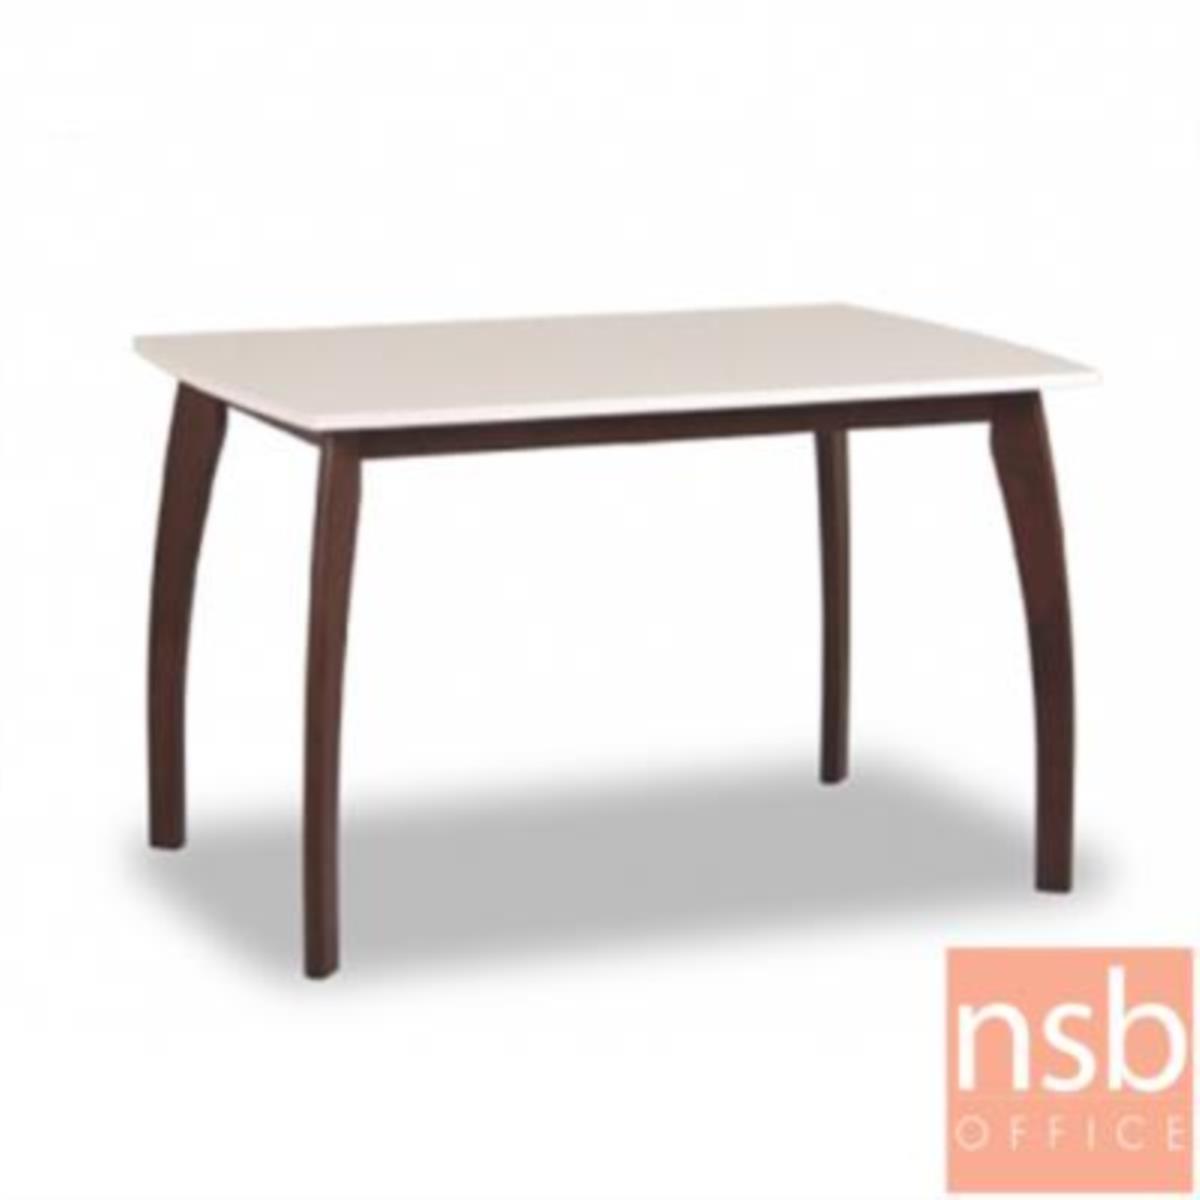 G14A164:โต๊ะรับประทานอาหารไฮกลอส 6 ที่นั่ง รุ่น GD-SC ขนาด 150W cm.  ขาไม้พ่นสีโอ๊ค